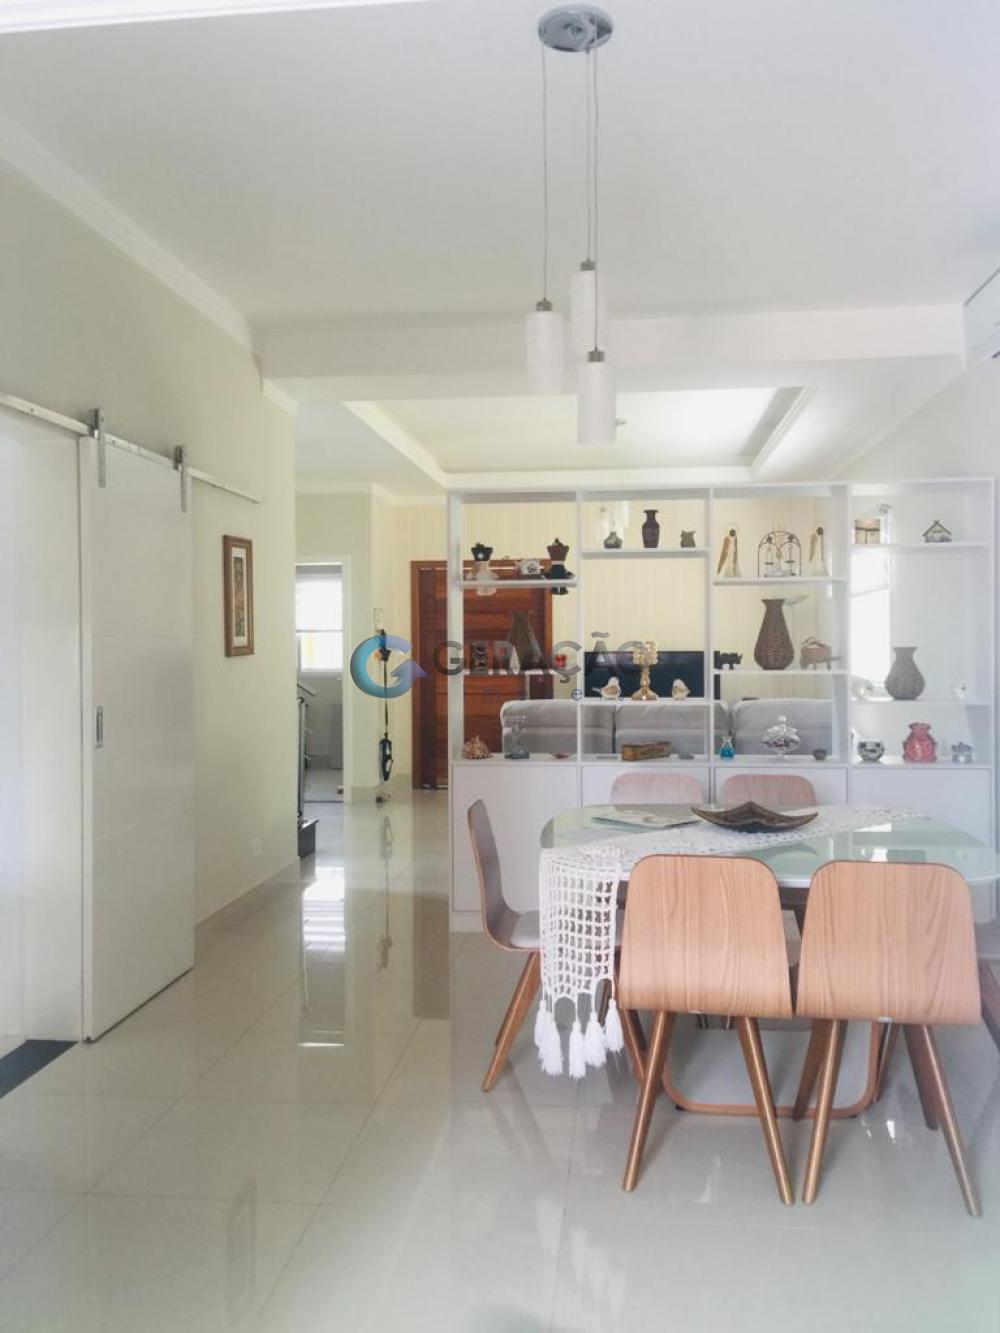 Comprar Casa / Condomínio em São José dos Campos apenas R$ 950.000,00 - Foto 22